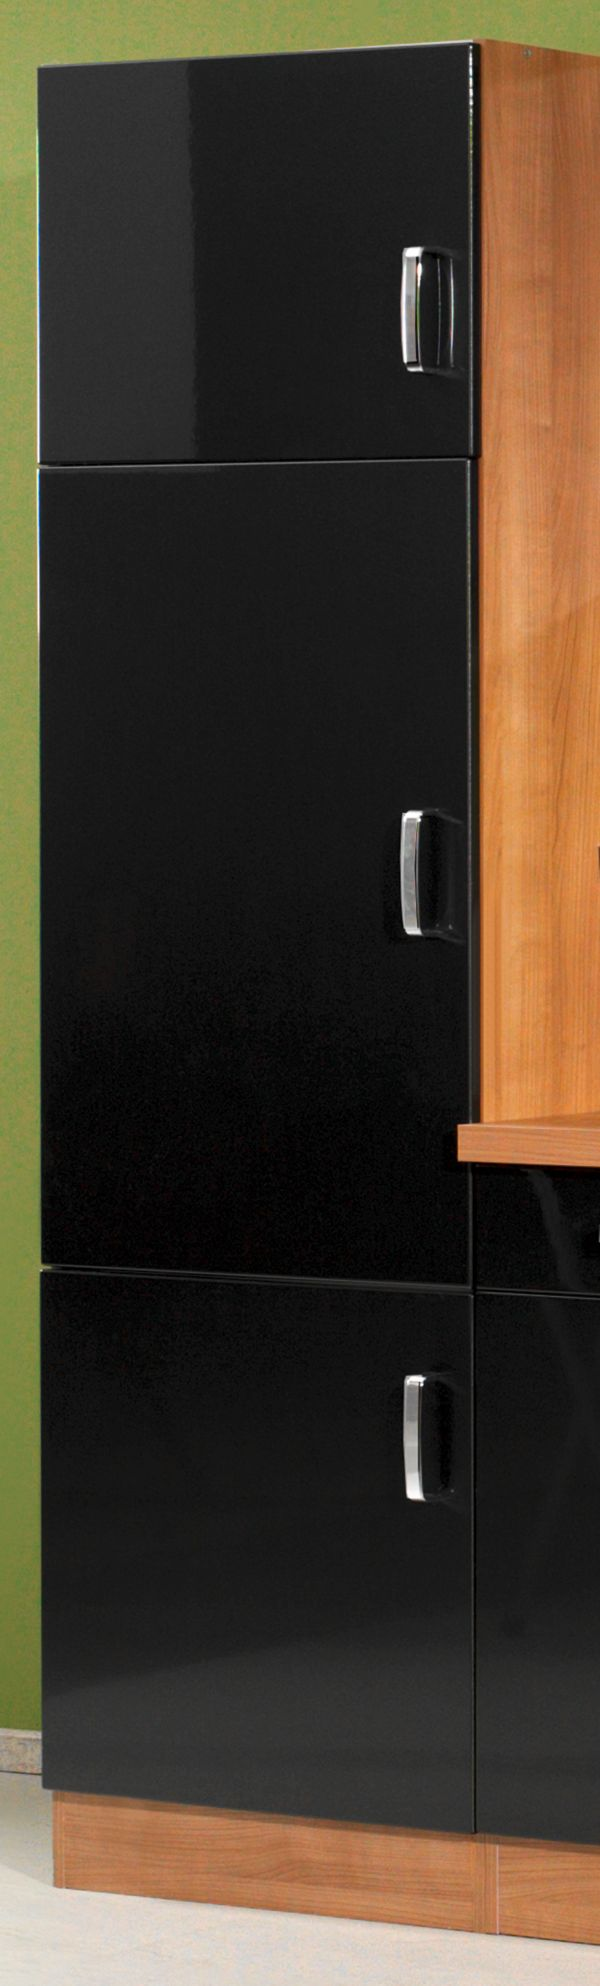 HELD Möbel Küchenzeile Porta 270 cm Hochglanz anthrazit, Küche ...